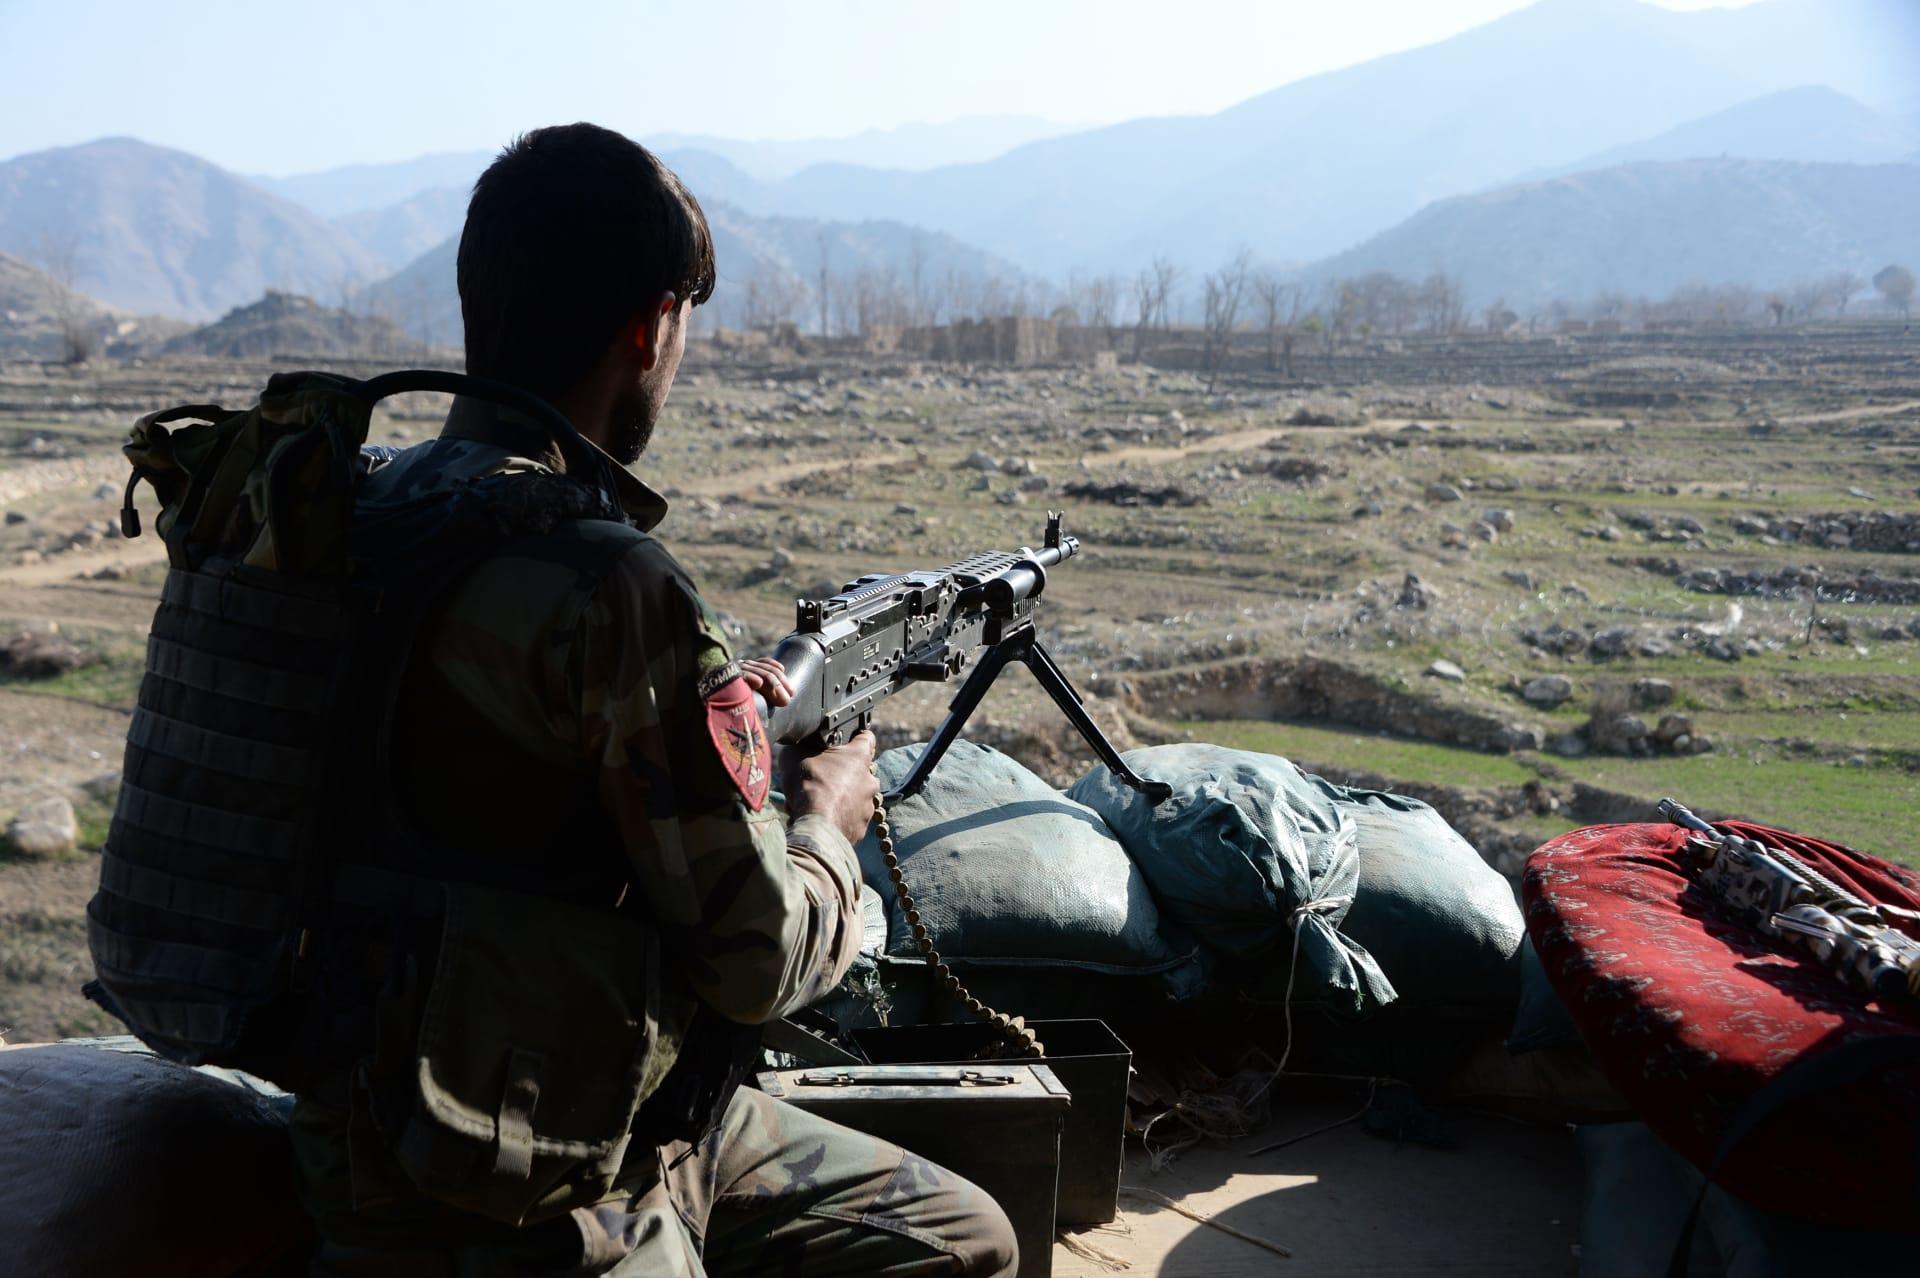 مصافحة وعناق بين الجيش الأفغاني ومقاتلي طالبان في عيد الفطر